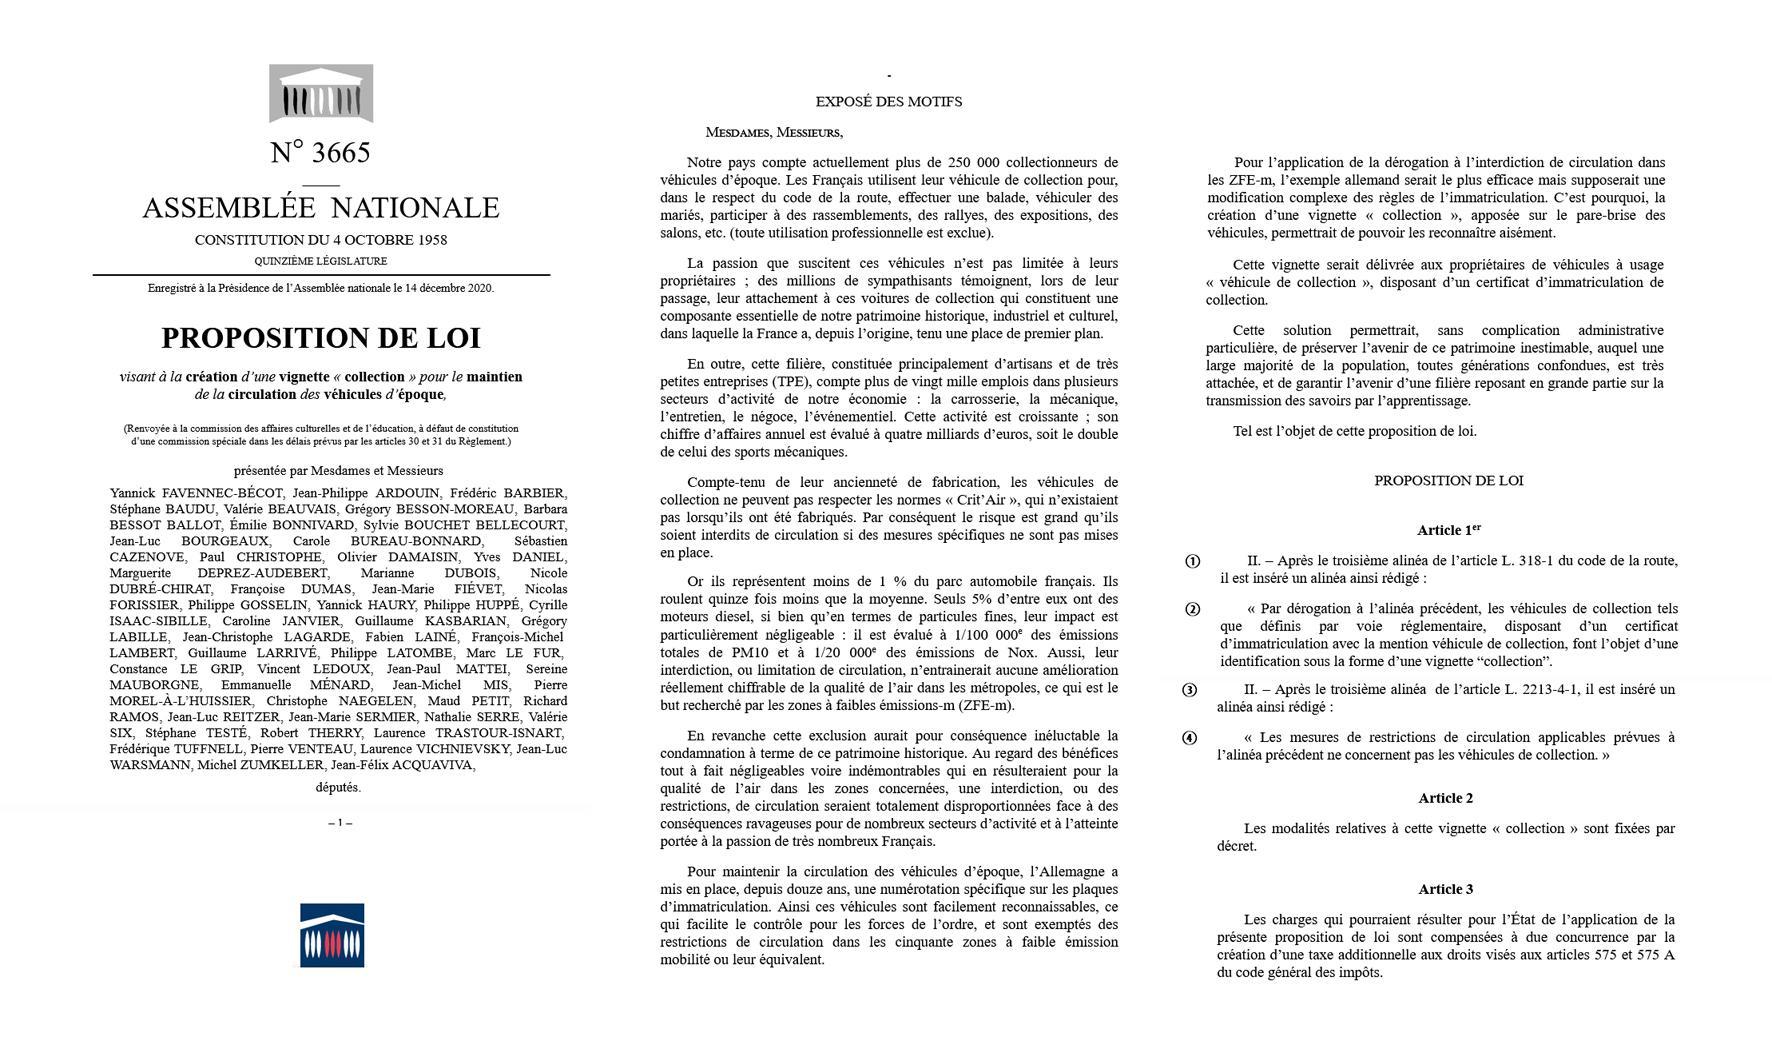 FFVE Proposition de loi 3665 Vignette Véhicule de Collection